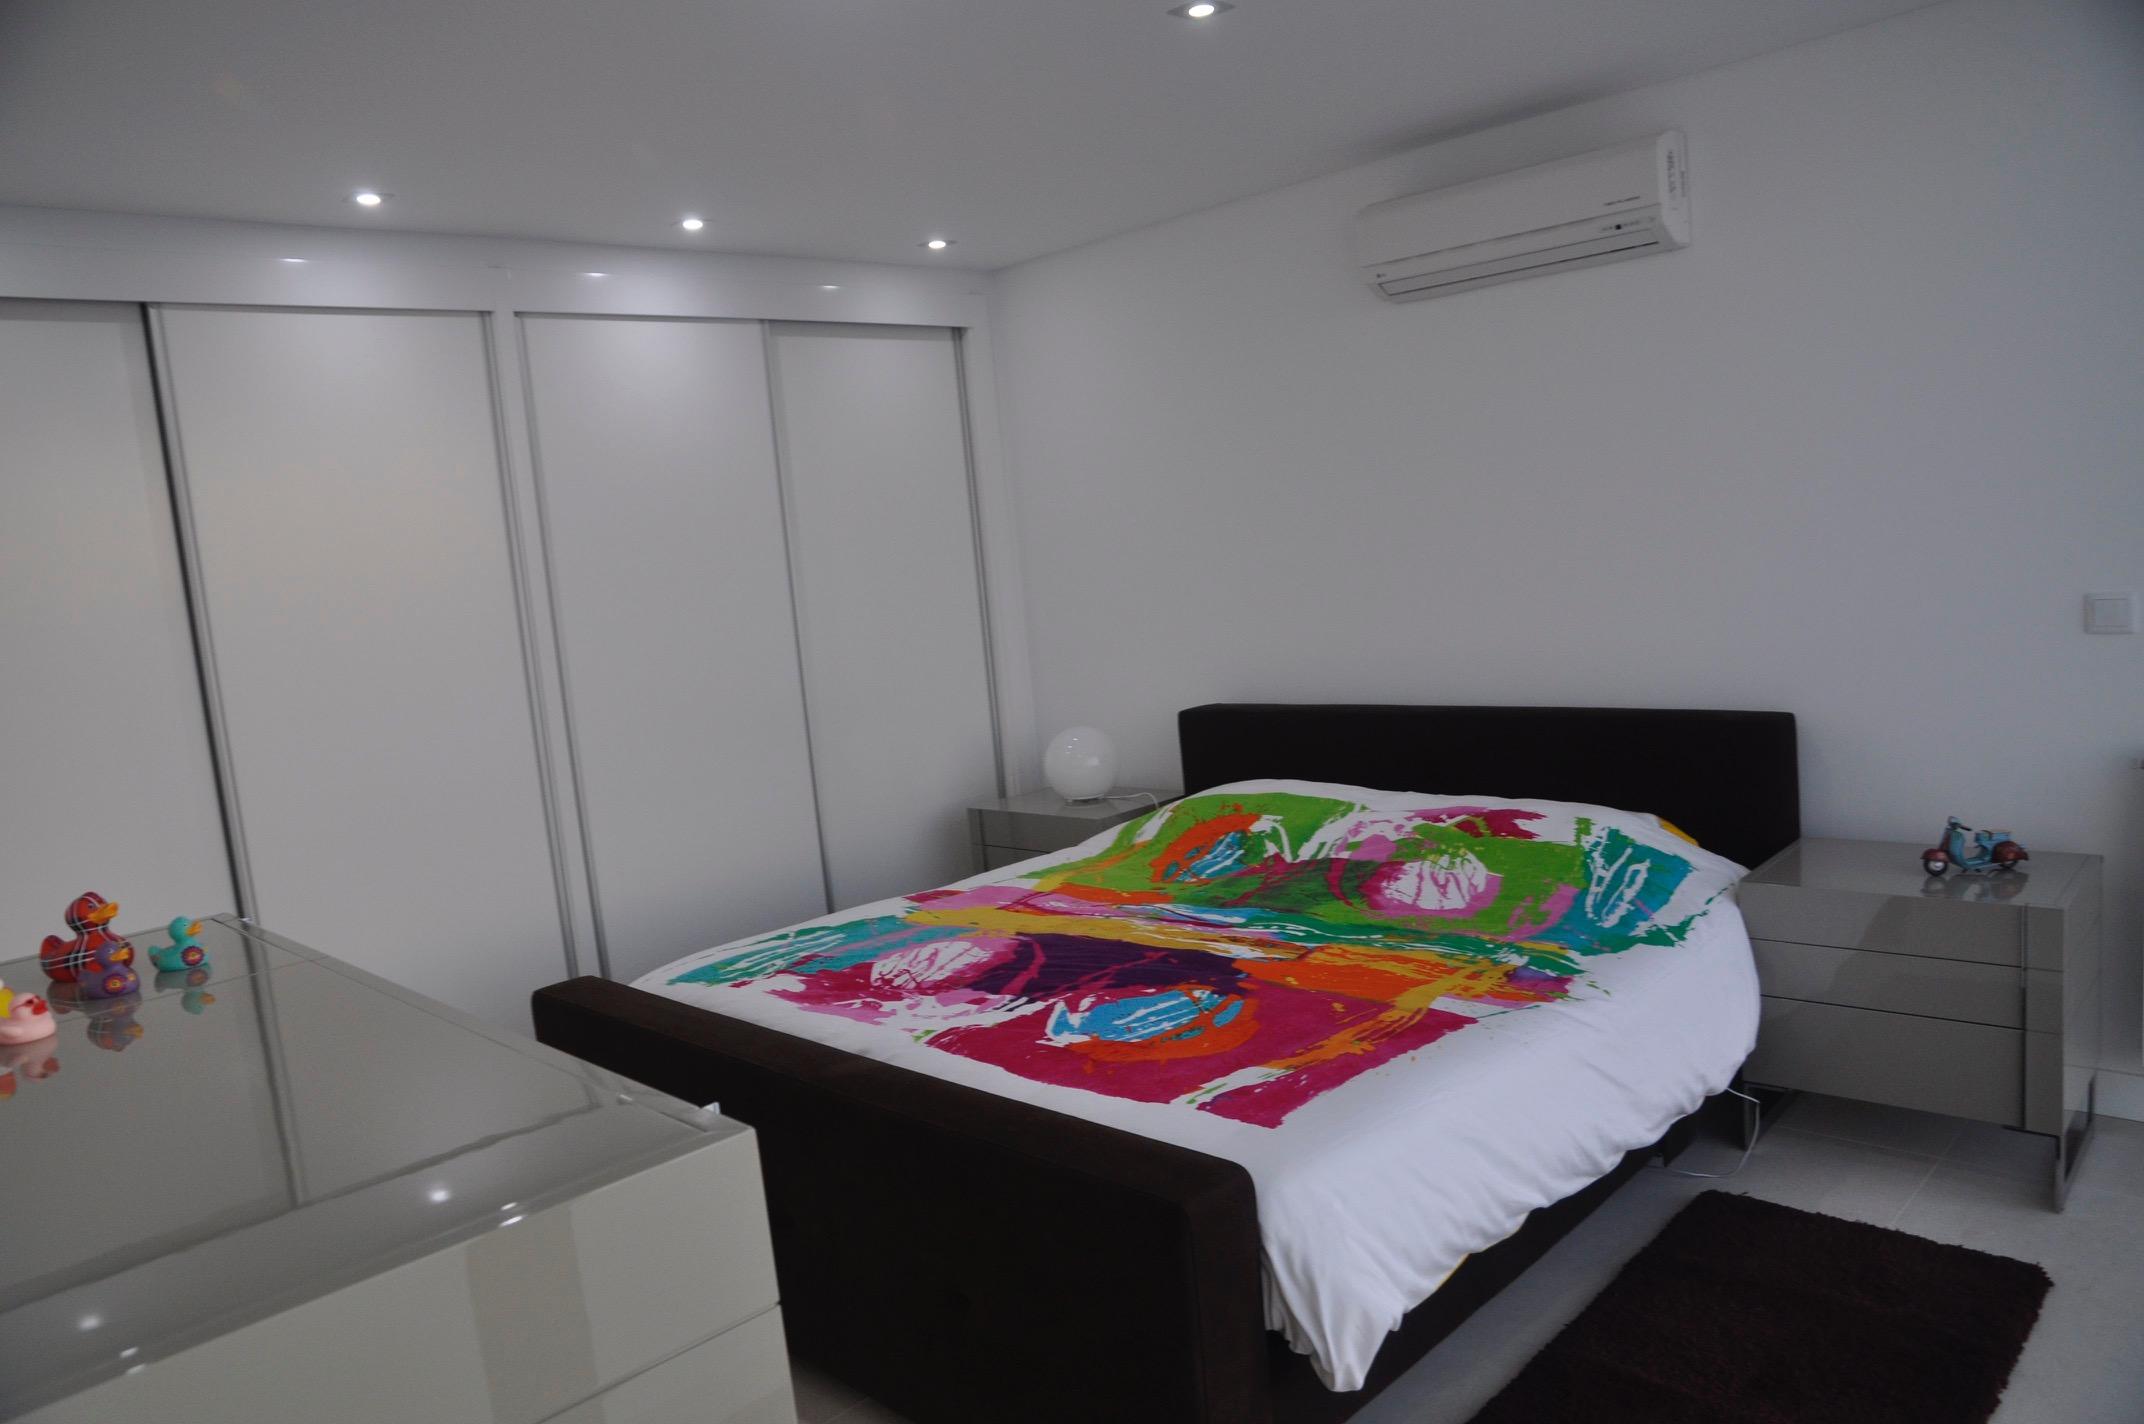 Master slaapkamer - De master bedroom heeft een king size bed met inbouwkasten en een aangrenzende badkamer. Deze is voorzien van een ligbad, inloopdouche, twee lavabo´s, wc en bidet.